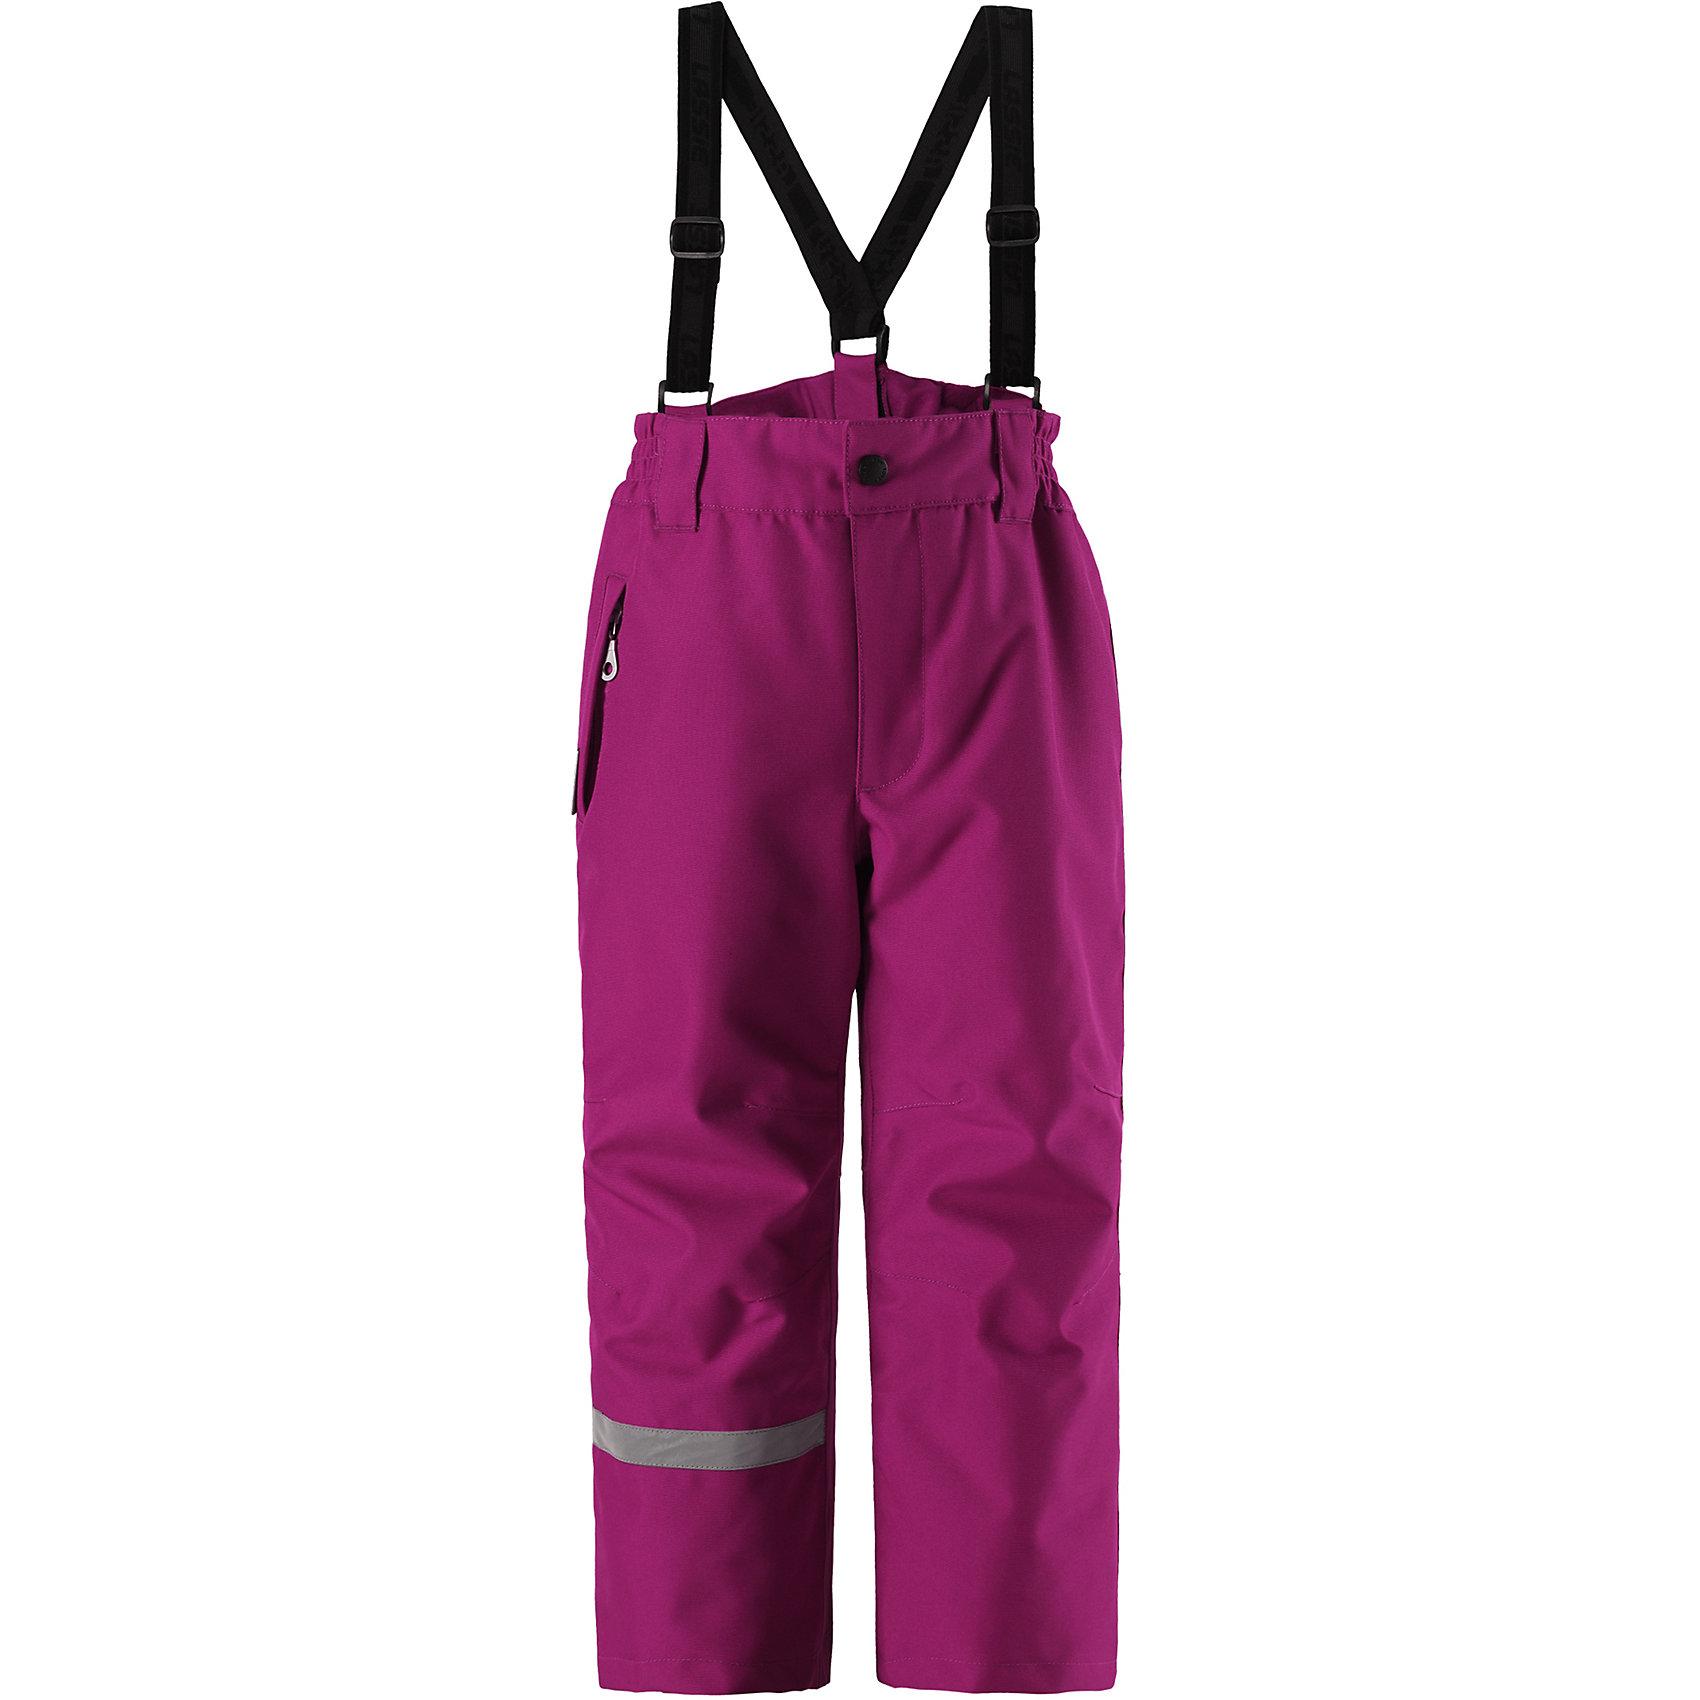 Брюки Lassietec LassieОдежда<br>Эти детские зимние брюки Lassietec® – отличный выбор для самых активных детей. Они изготовлены из сверхпрочного и водоотталкивающего материала, поэтому великолепно подойдут для супер активных детей и бесстрашных маленьких горнолыжников. Все основные швы проклеены, водонепроницаемы. Защита от снега на концах брючин не пускает снег вовнутрь, а со съемными регулируемыми подтяжками удобно в помещении.<br>Состав:<br>100% Полиэстер<br><br>Ширина мм: 215<br>Глубина мм: 88<br>Высота мм: 191<br>Вес г: 336<br>Цвет: розовый<br>Возраст от месяцев: 108<br>Возраст до месяцев: 120<br>Пол: Унисекс<br>Возраст: Детский<br>Размер: 140,92,98,104,110,116,122,128,134<br>SKU: 6927671